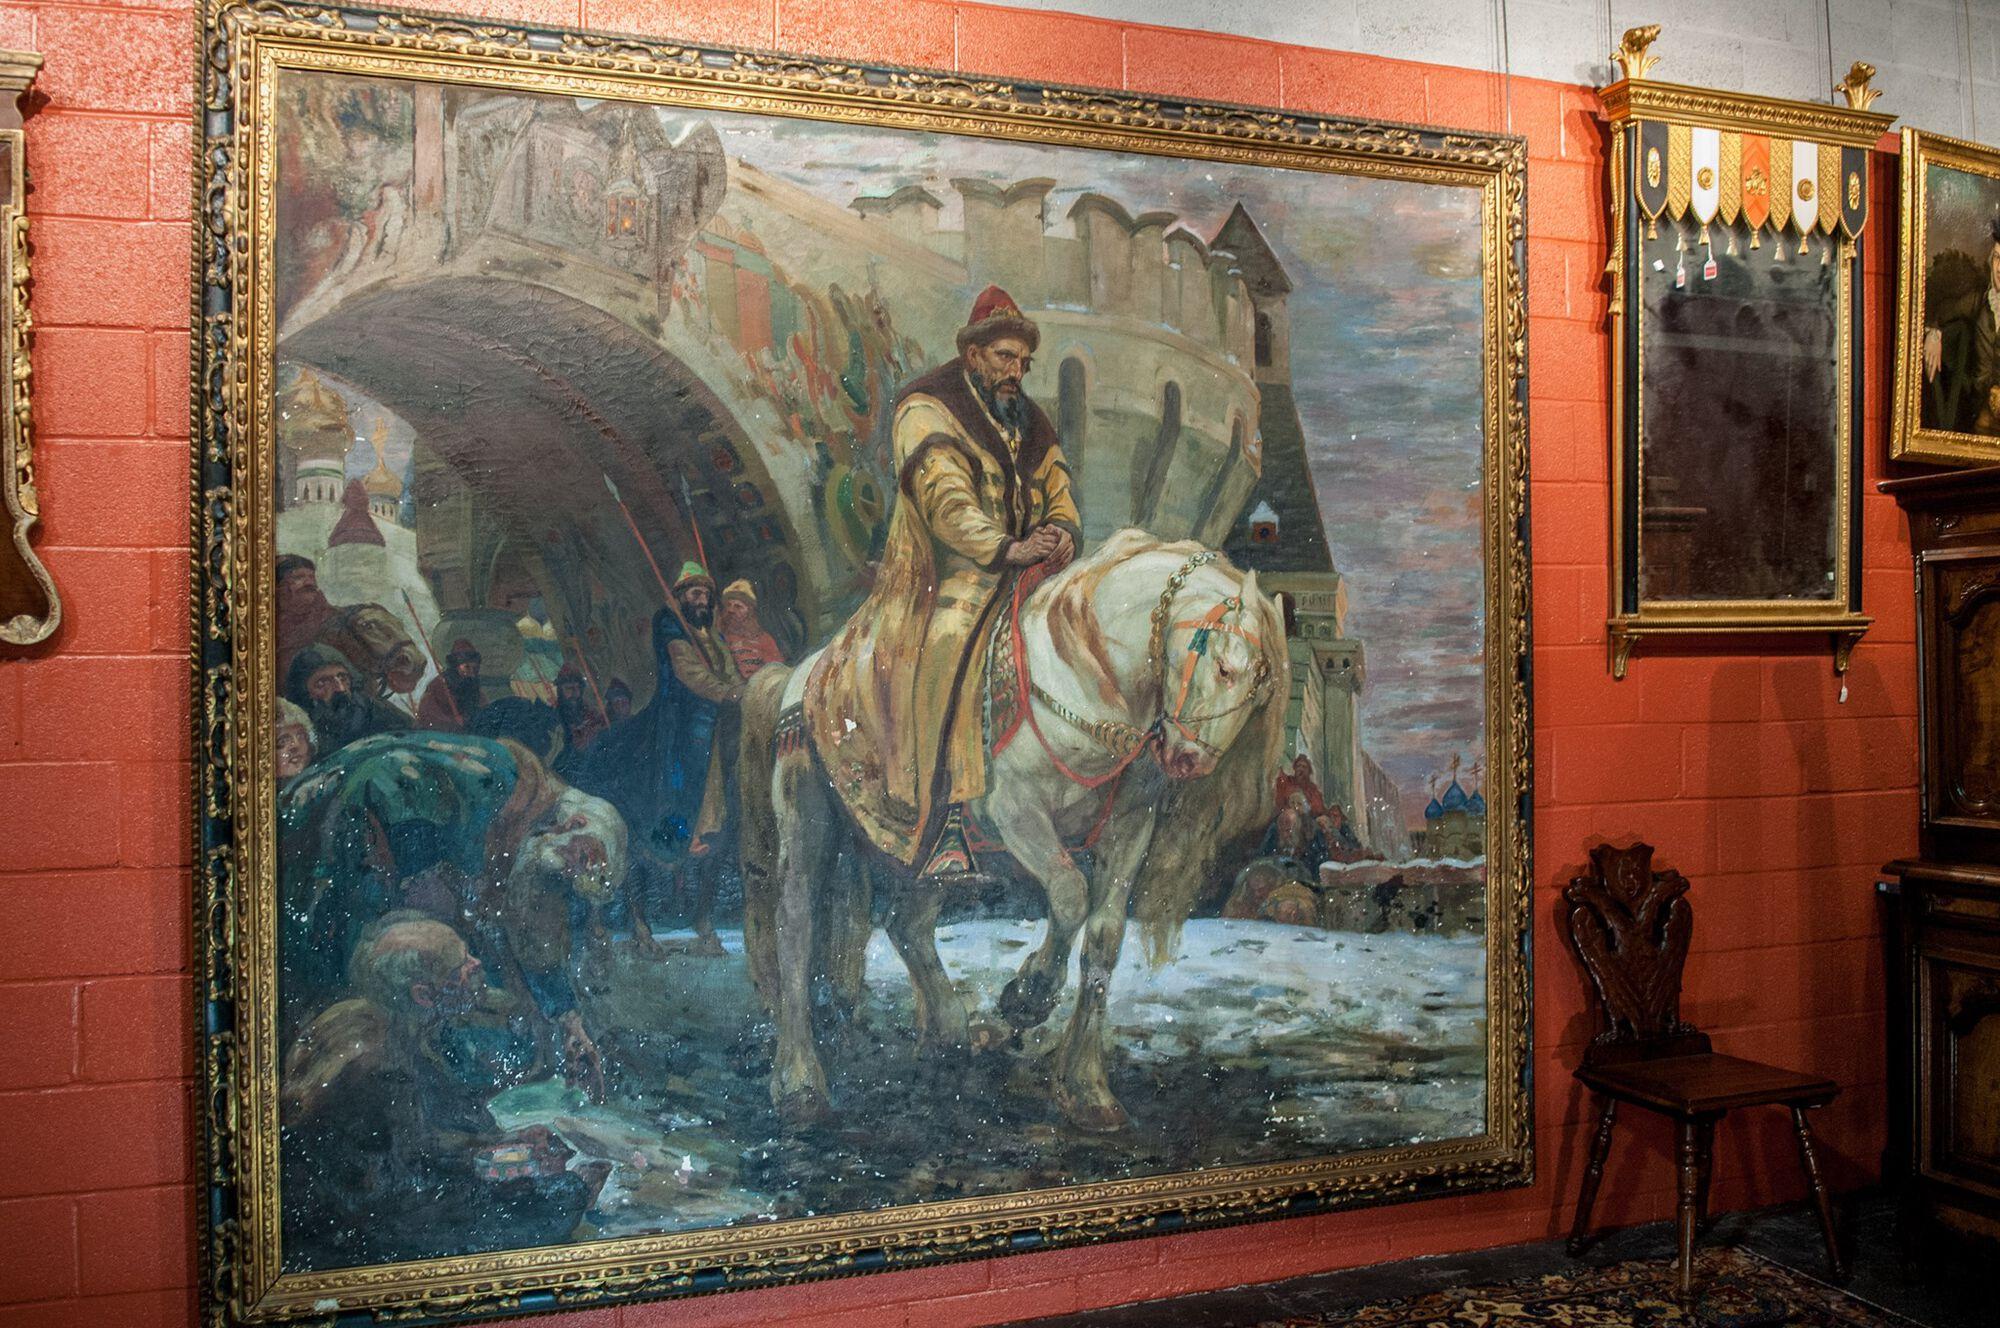 Mikhail N. Panin rettegett iván festmény